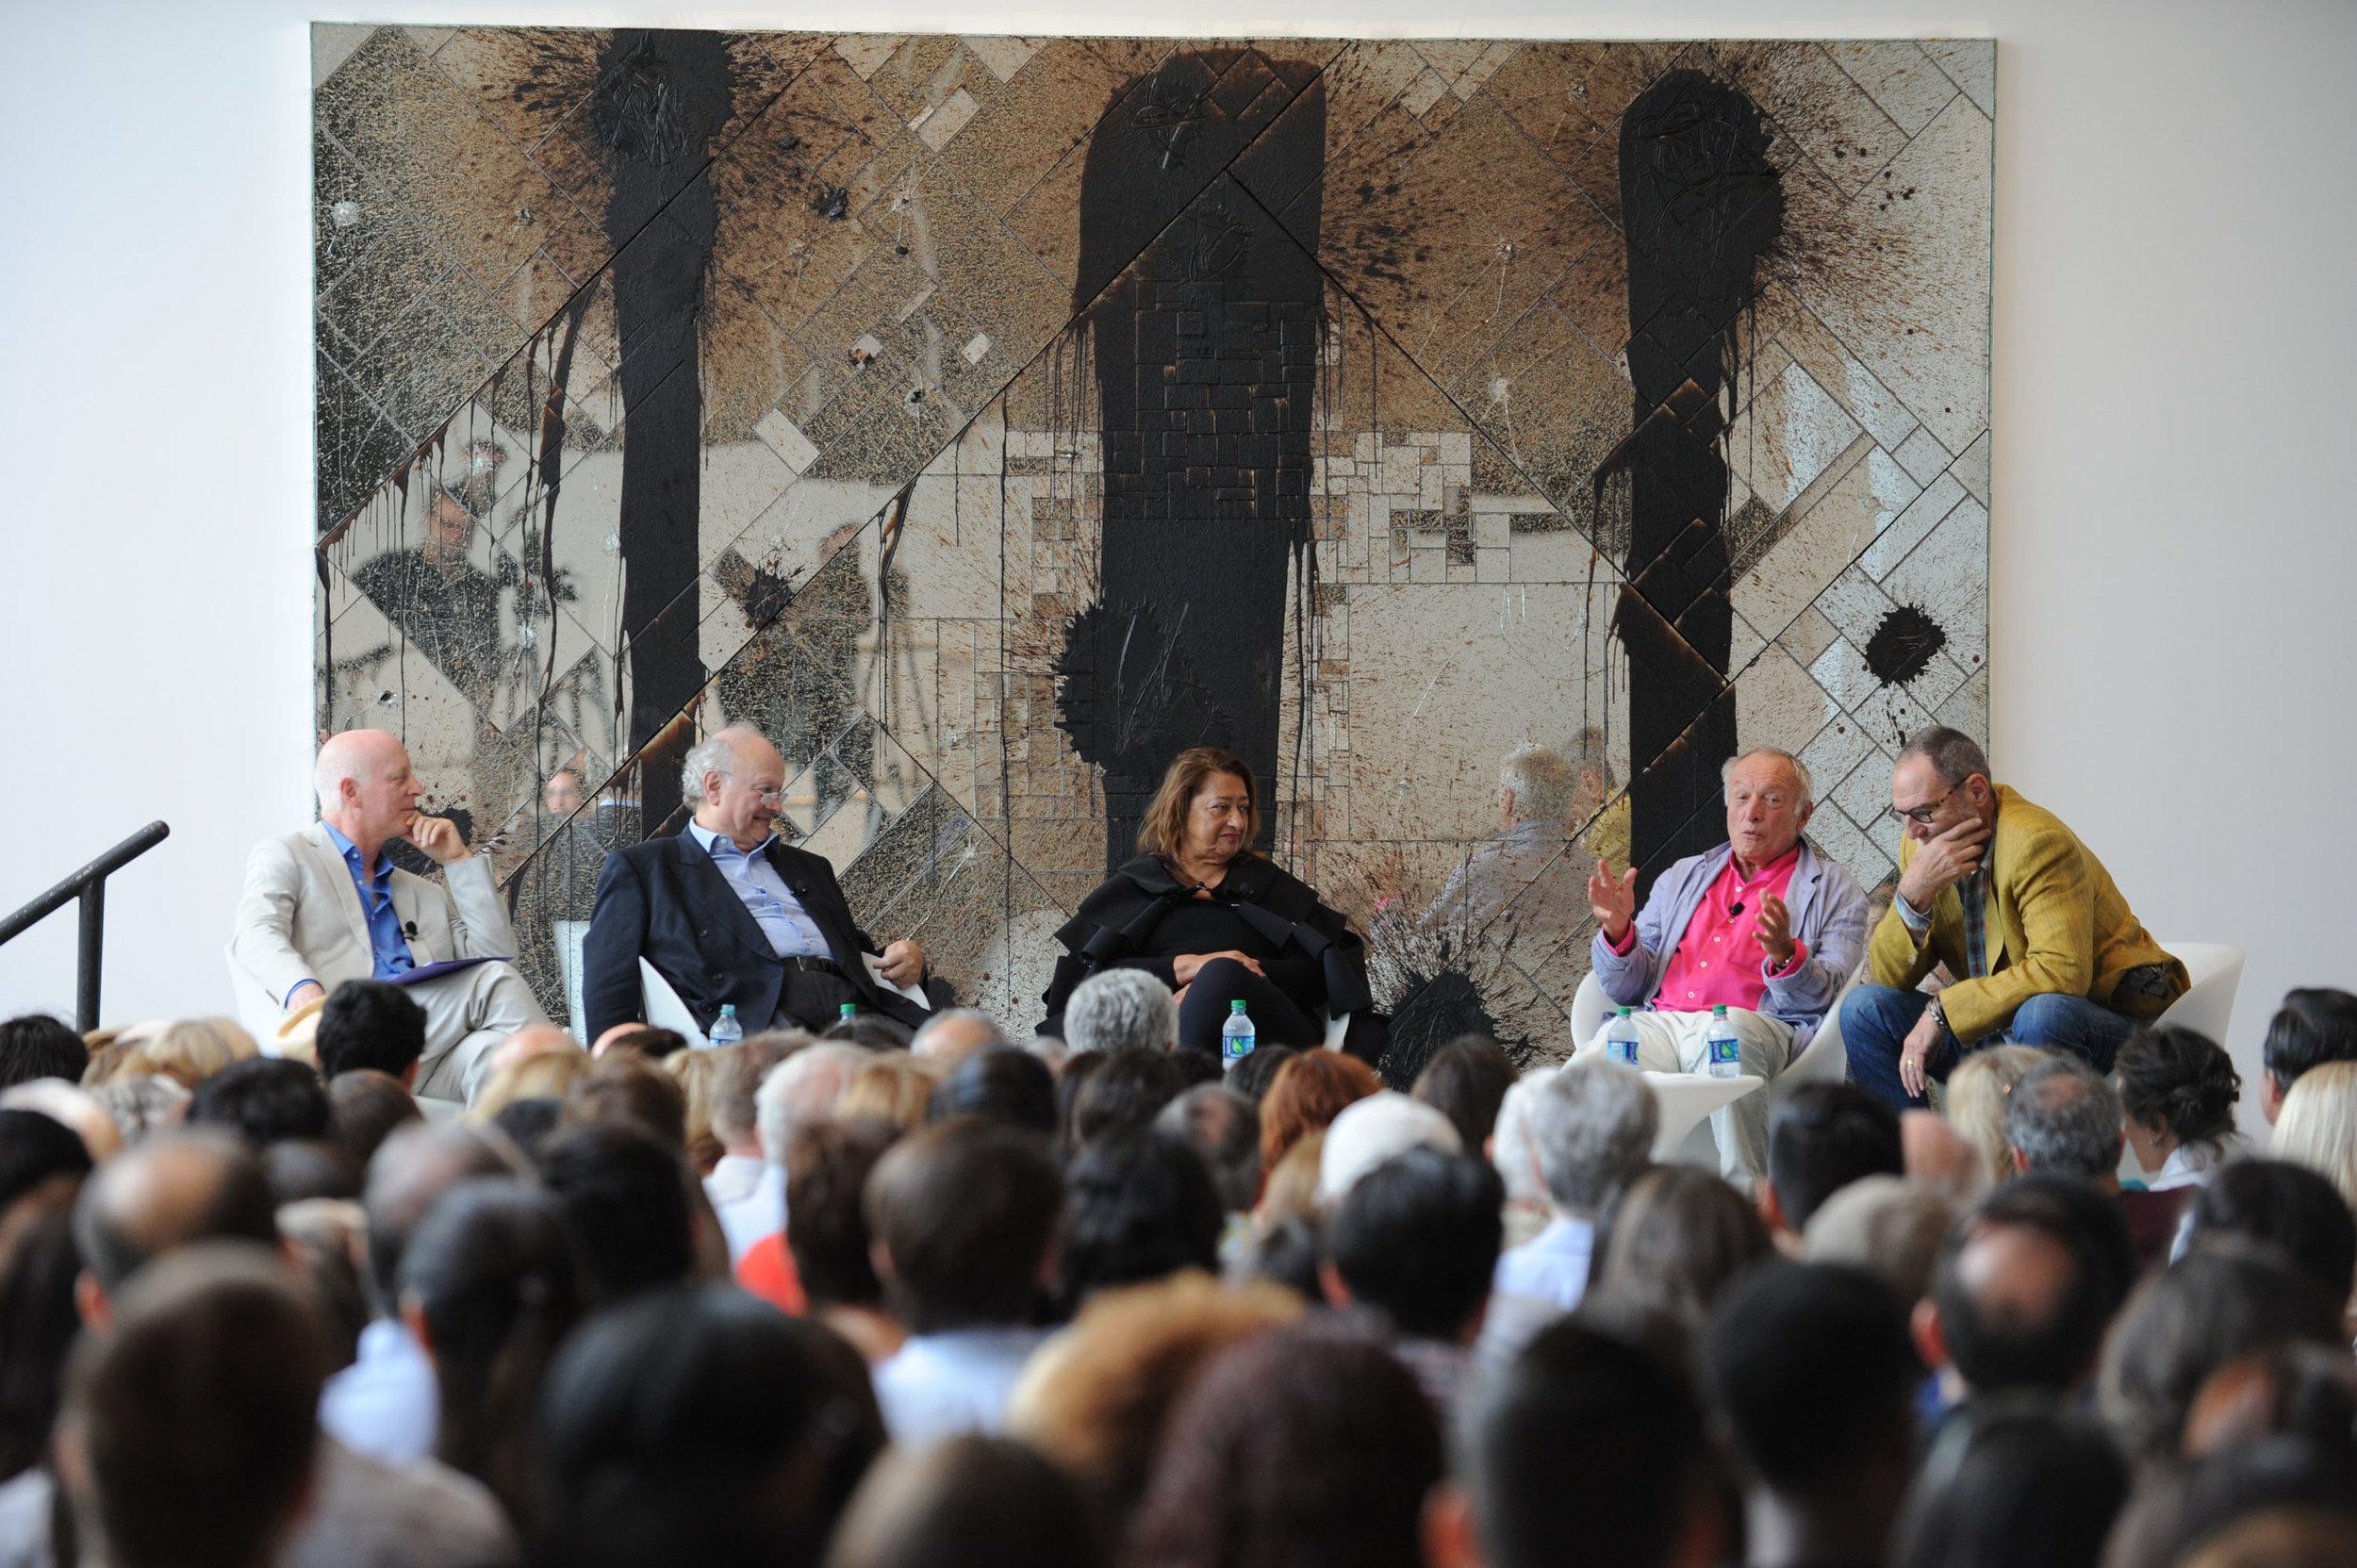 Pritzker Architecture Prize Laureates Panel Discussion